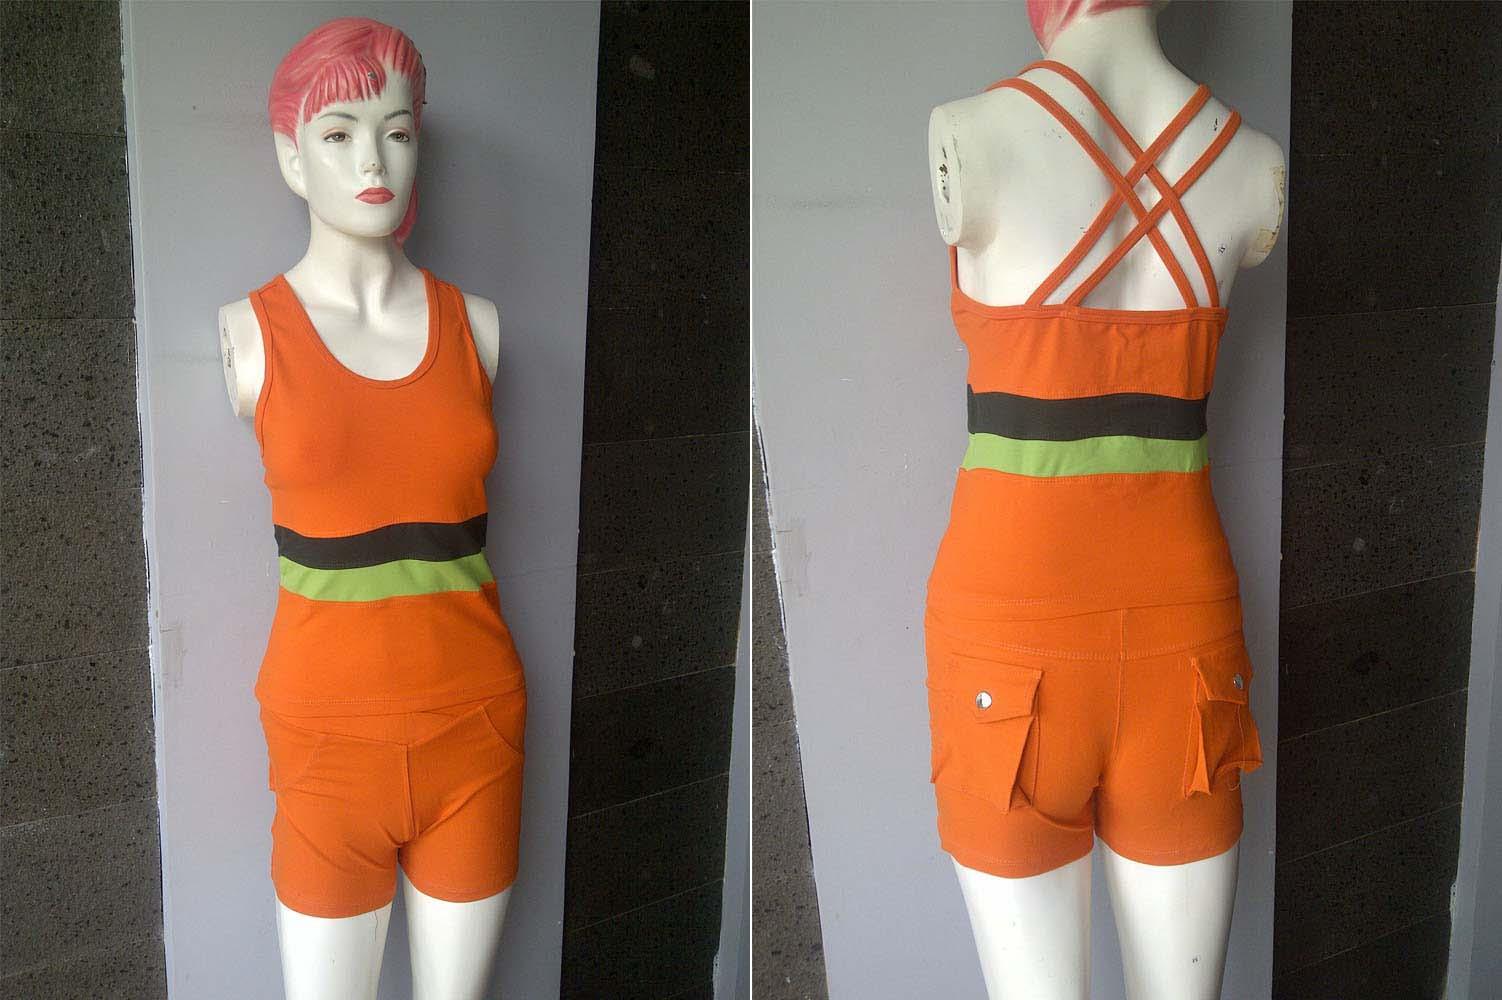 Pakaian+Olahraga+Wanita+EH-244.jpg